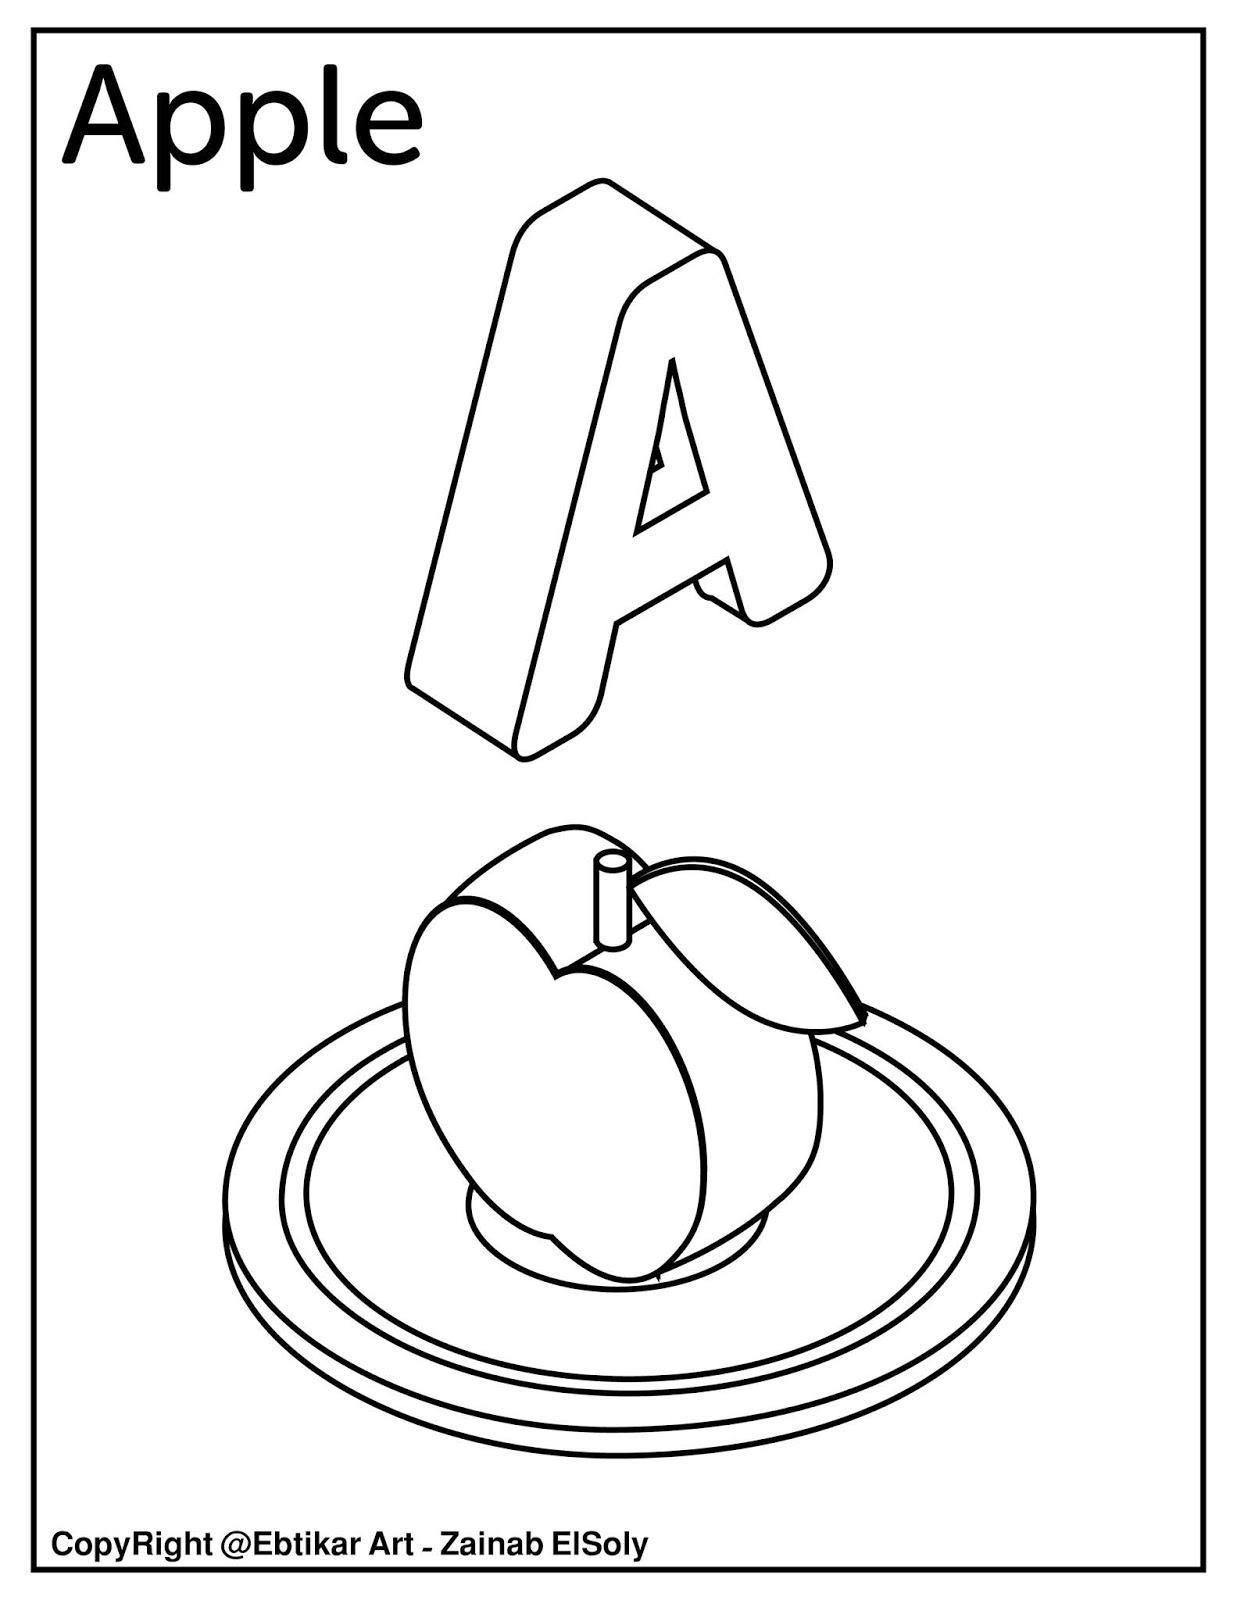 Tranh tô màu chữ cái A apple đẹp